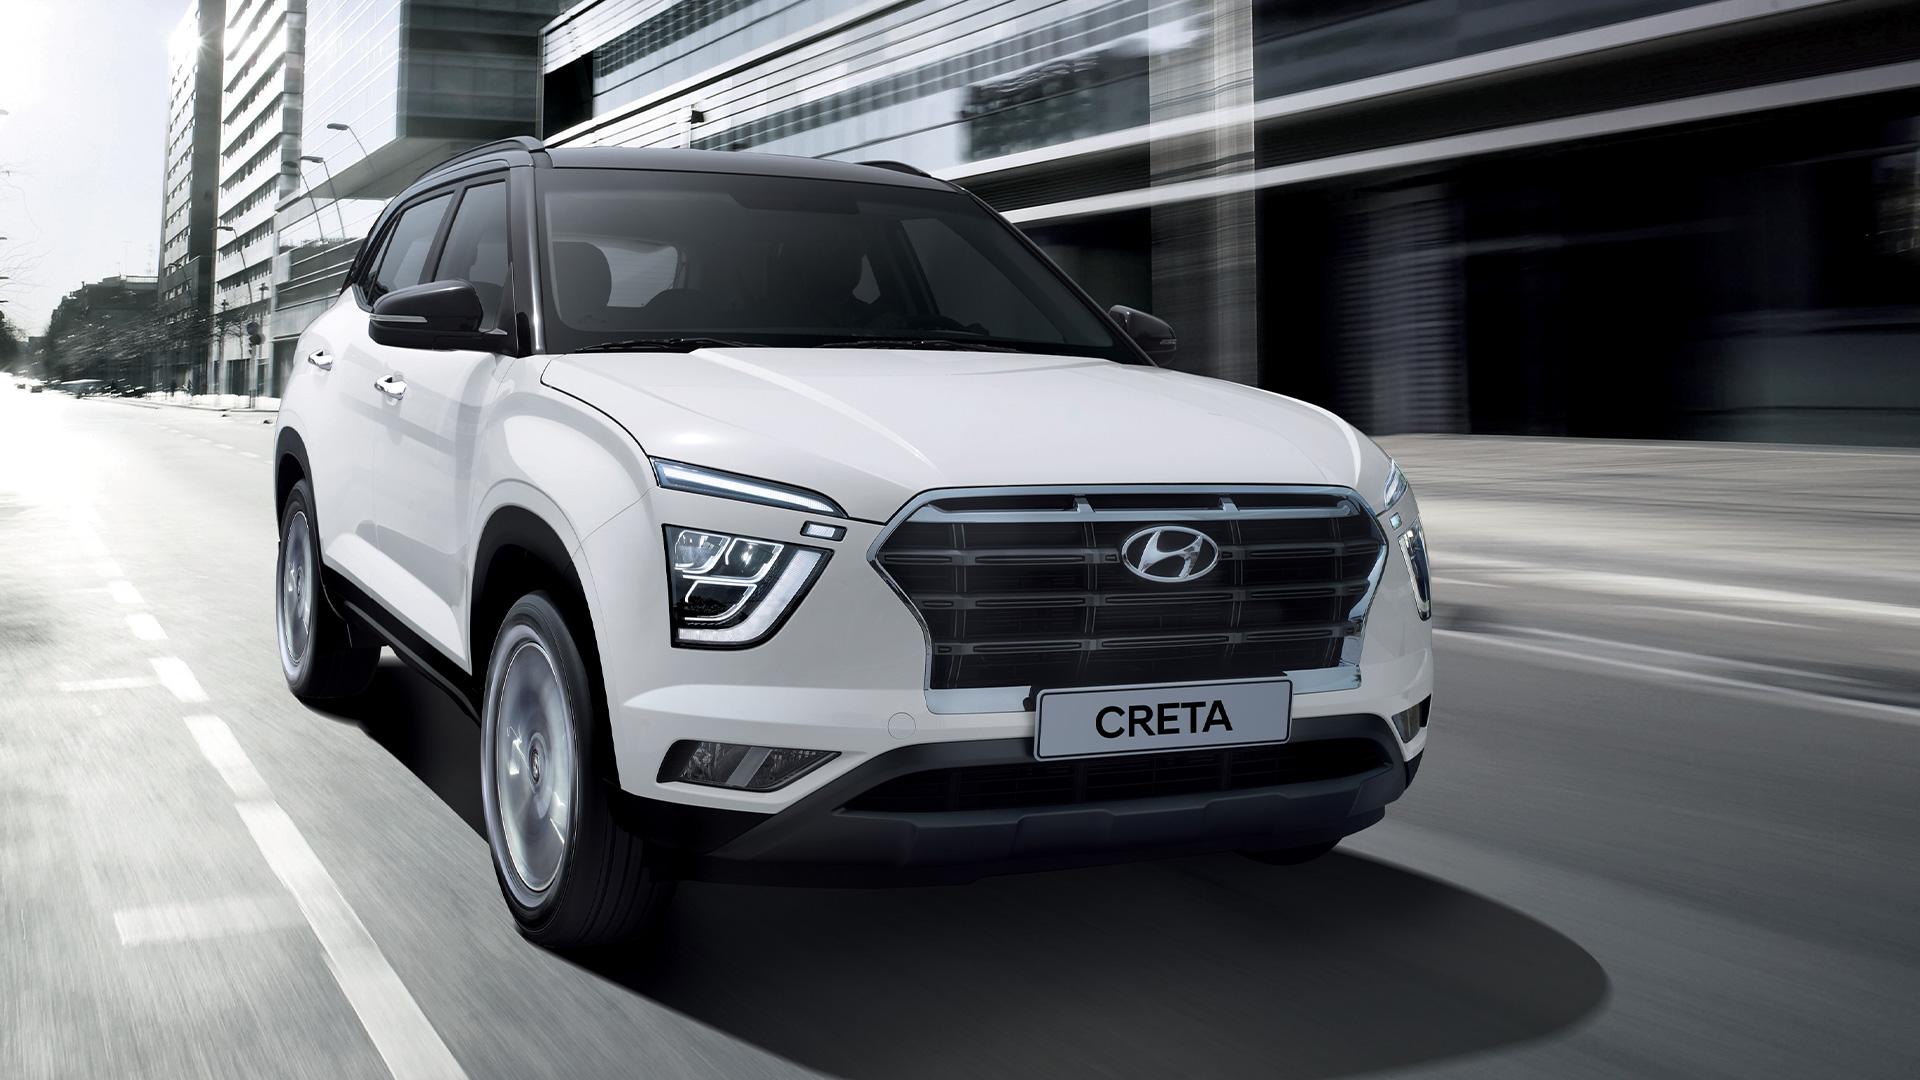 O Que Sabemos Sobre O Novo Hyundai Creta Que Chega Ao Brasil Em 2021 Fullpower